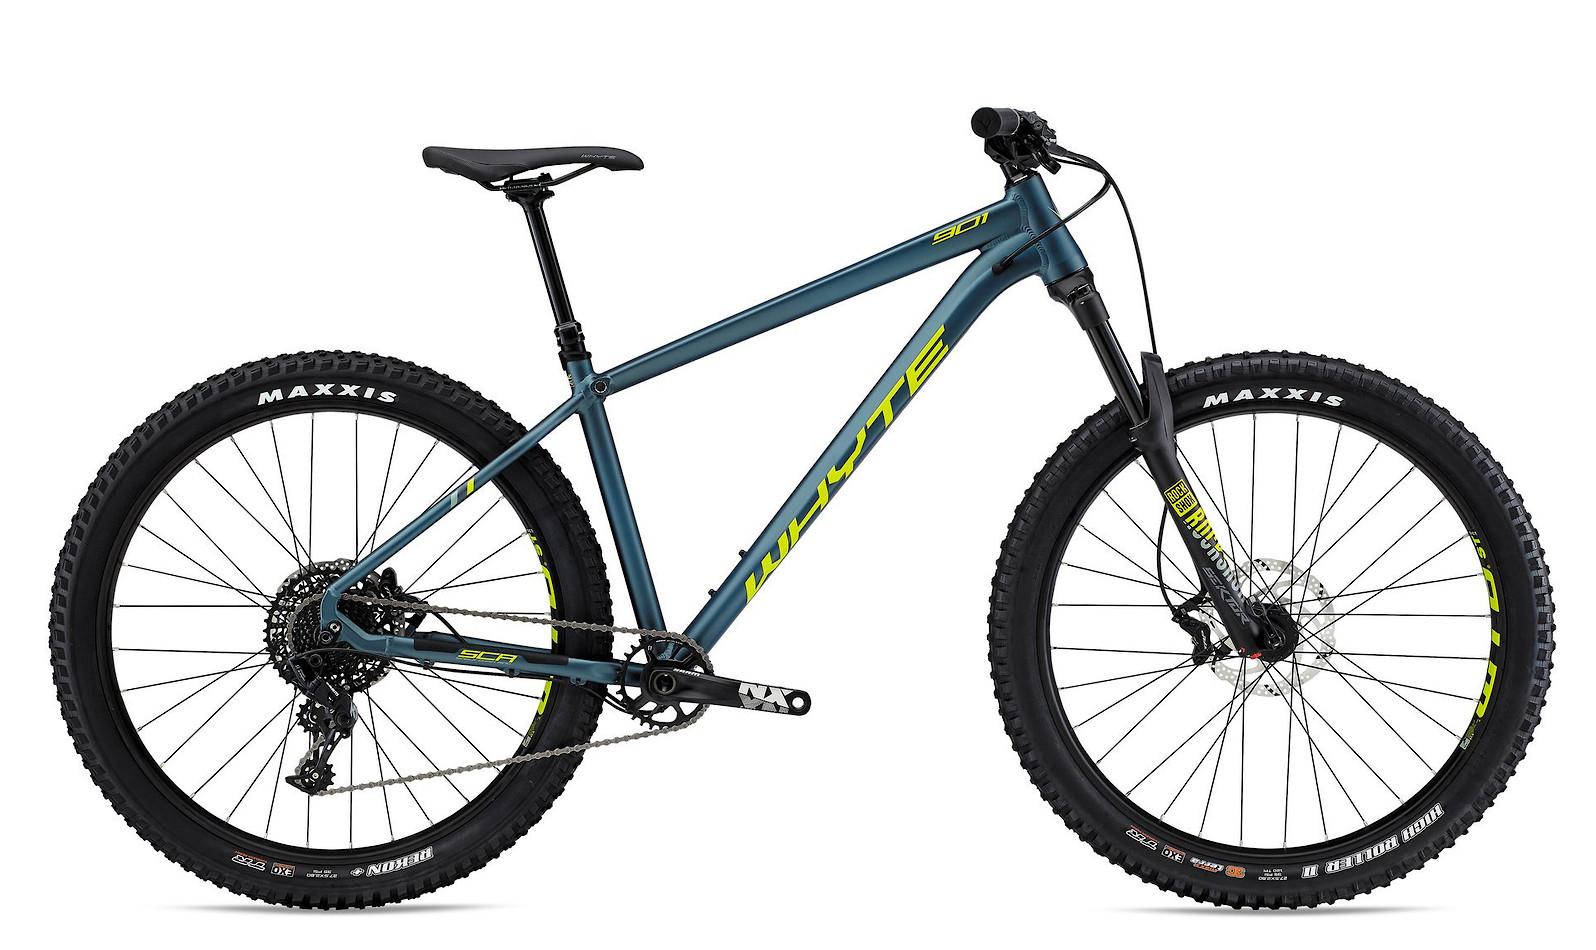 2019 Whyte 901 Bike